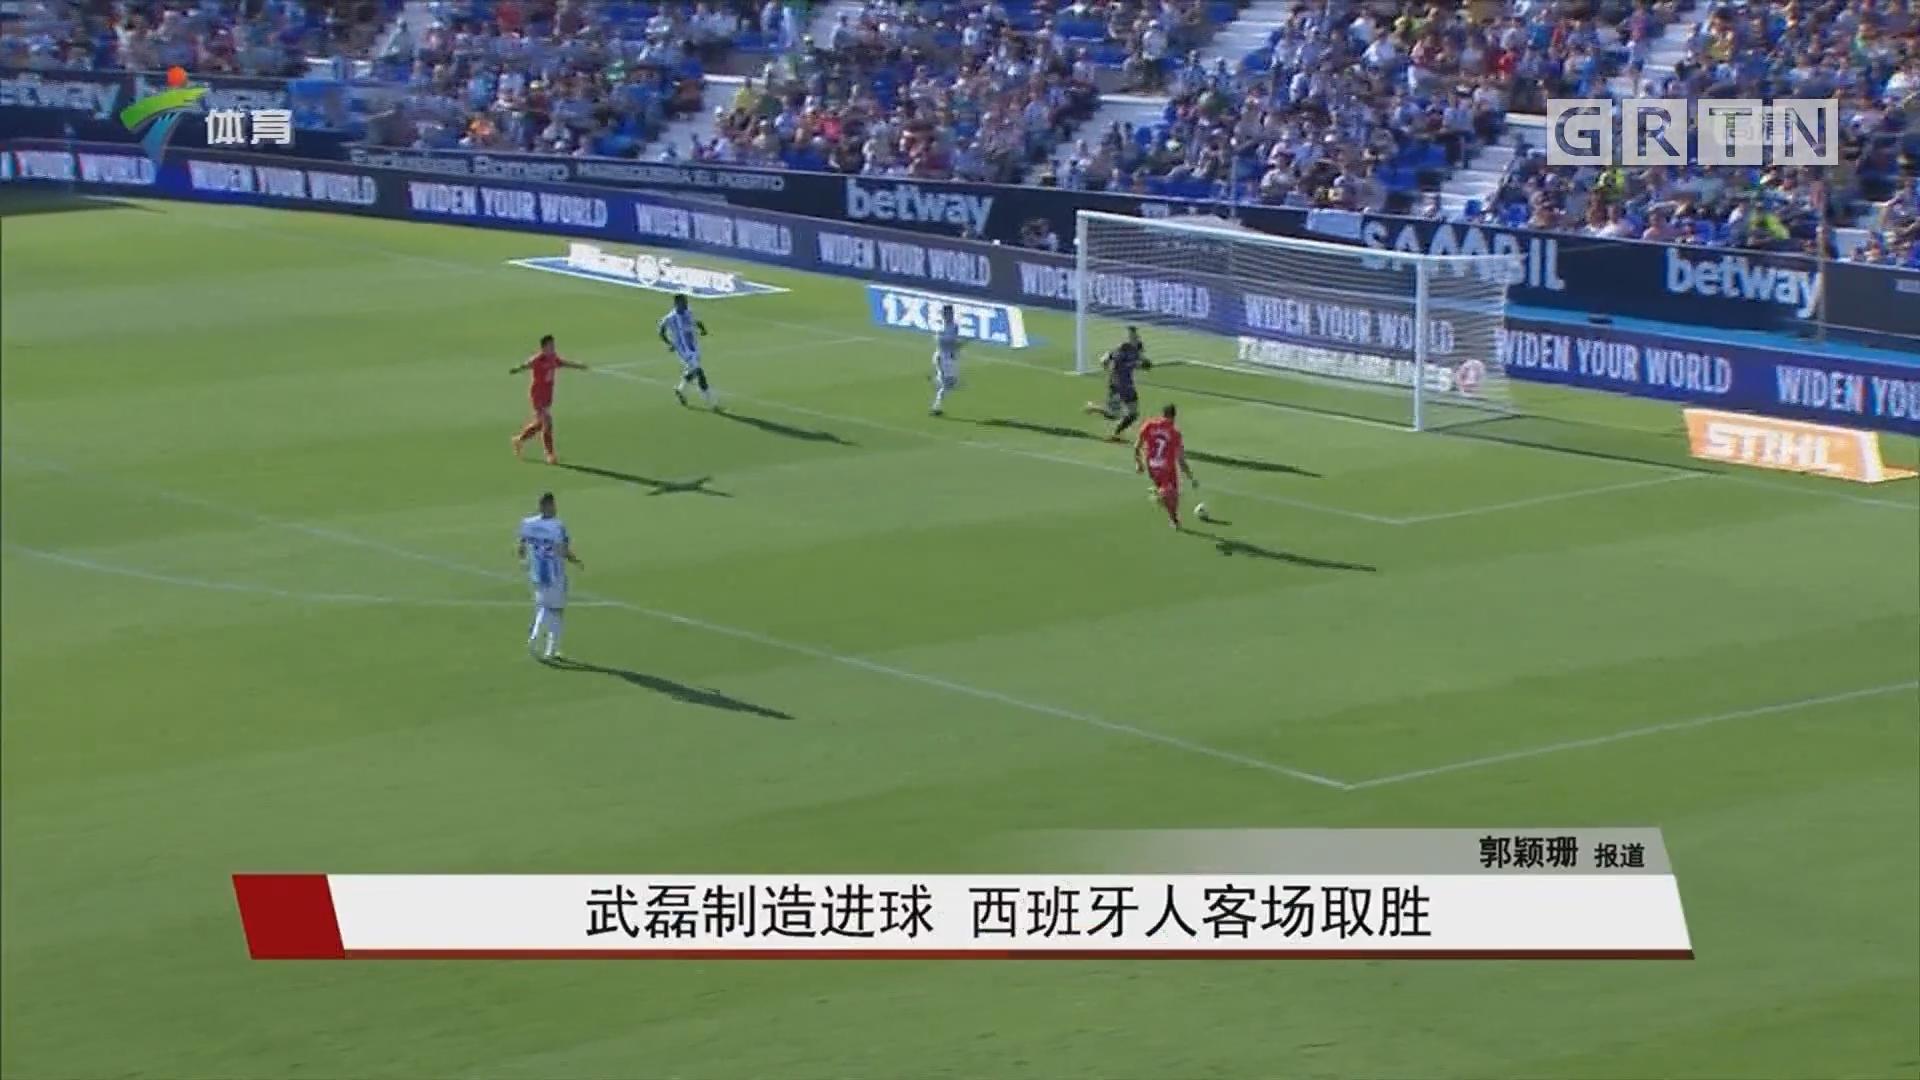 武磊制造进球 西班牙人客场取胜